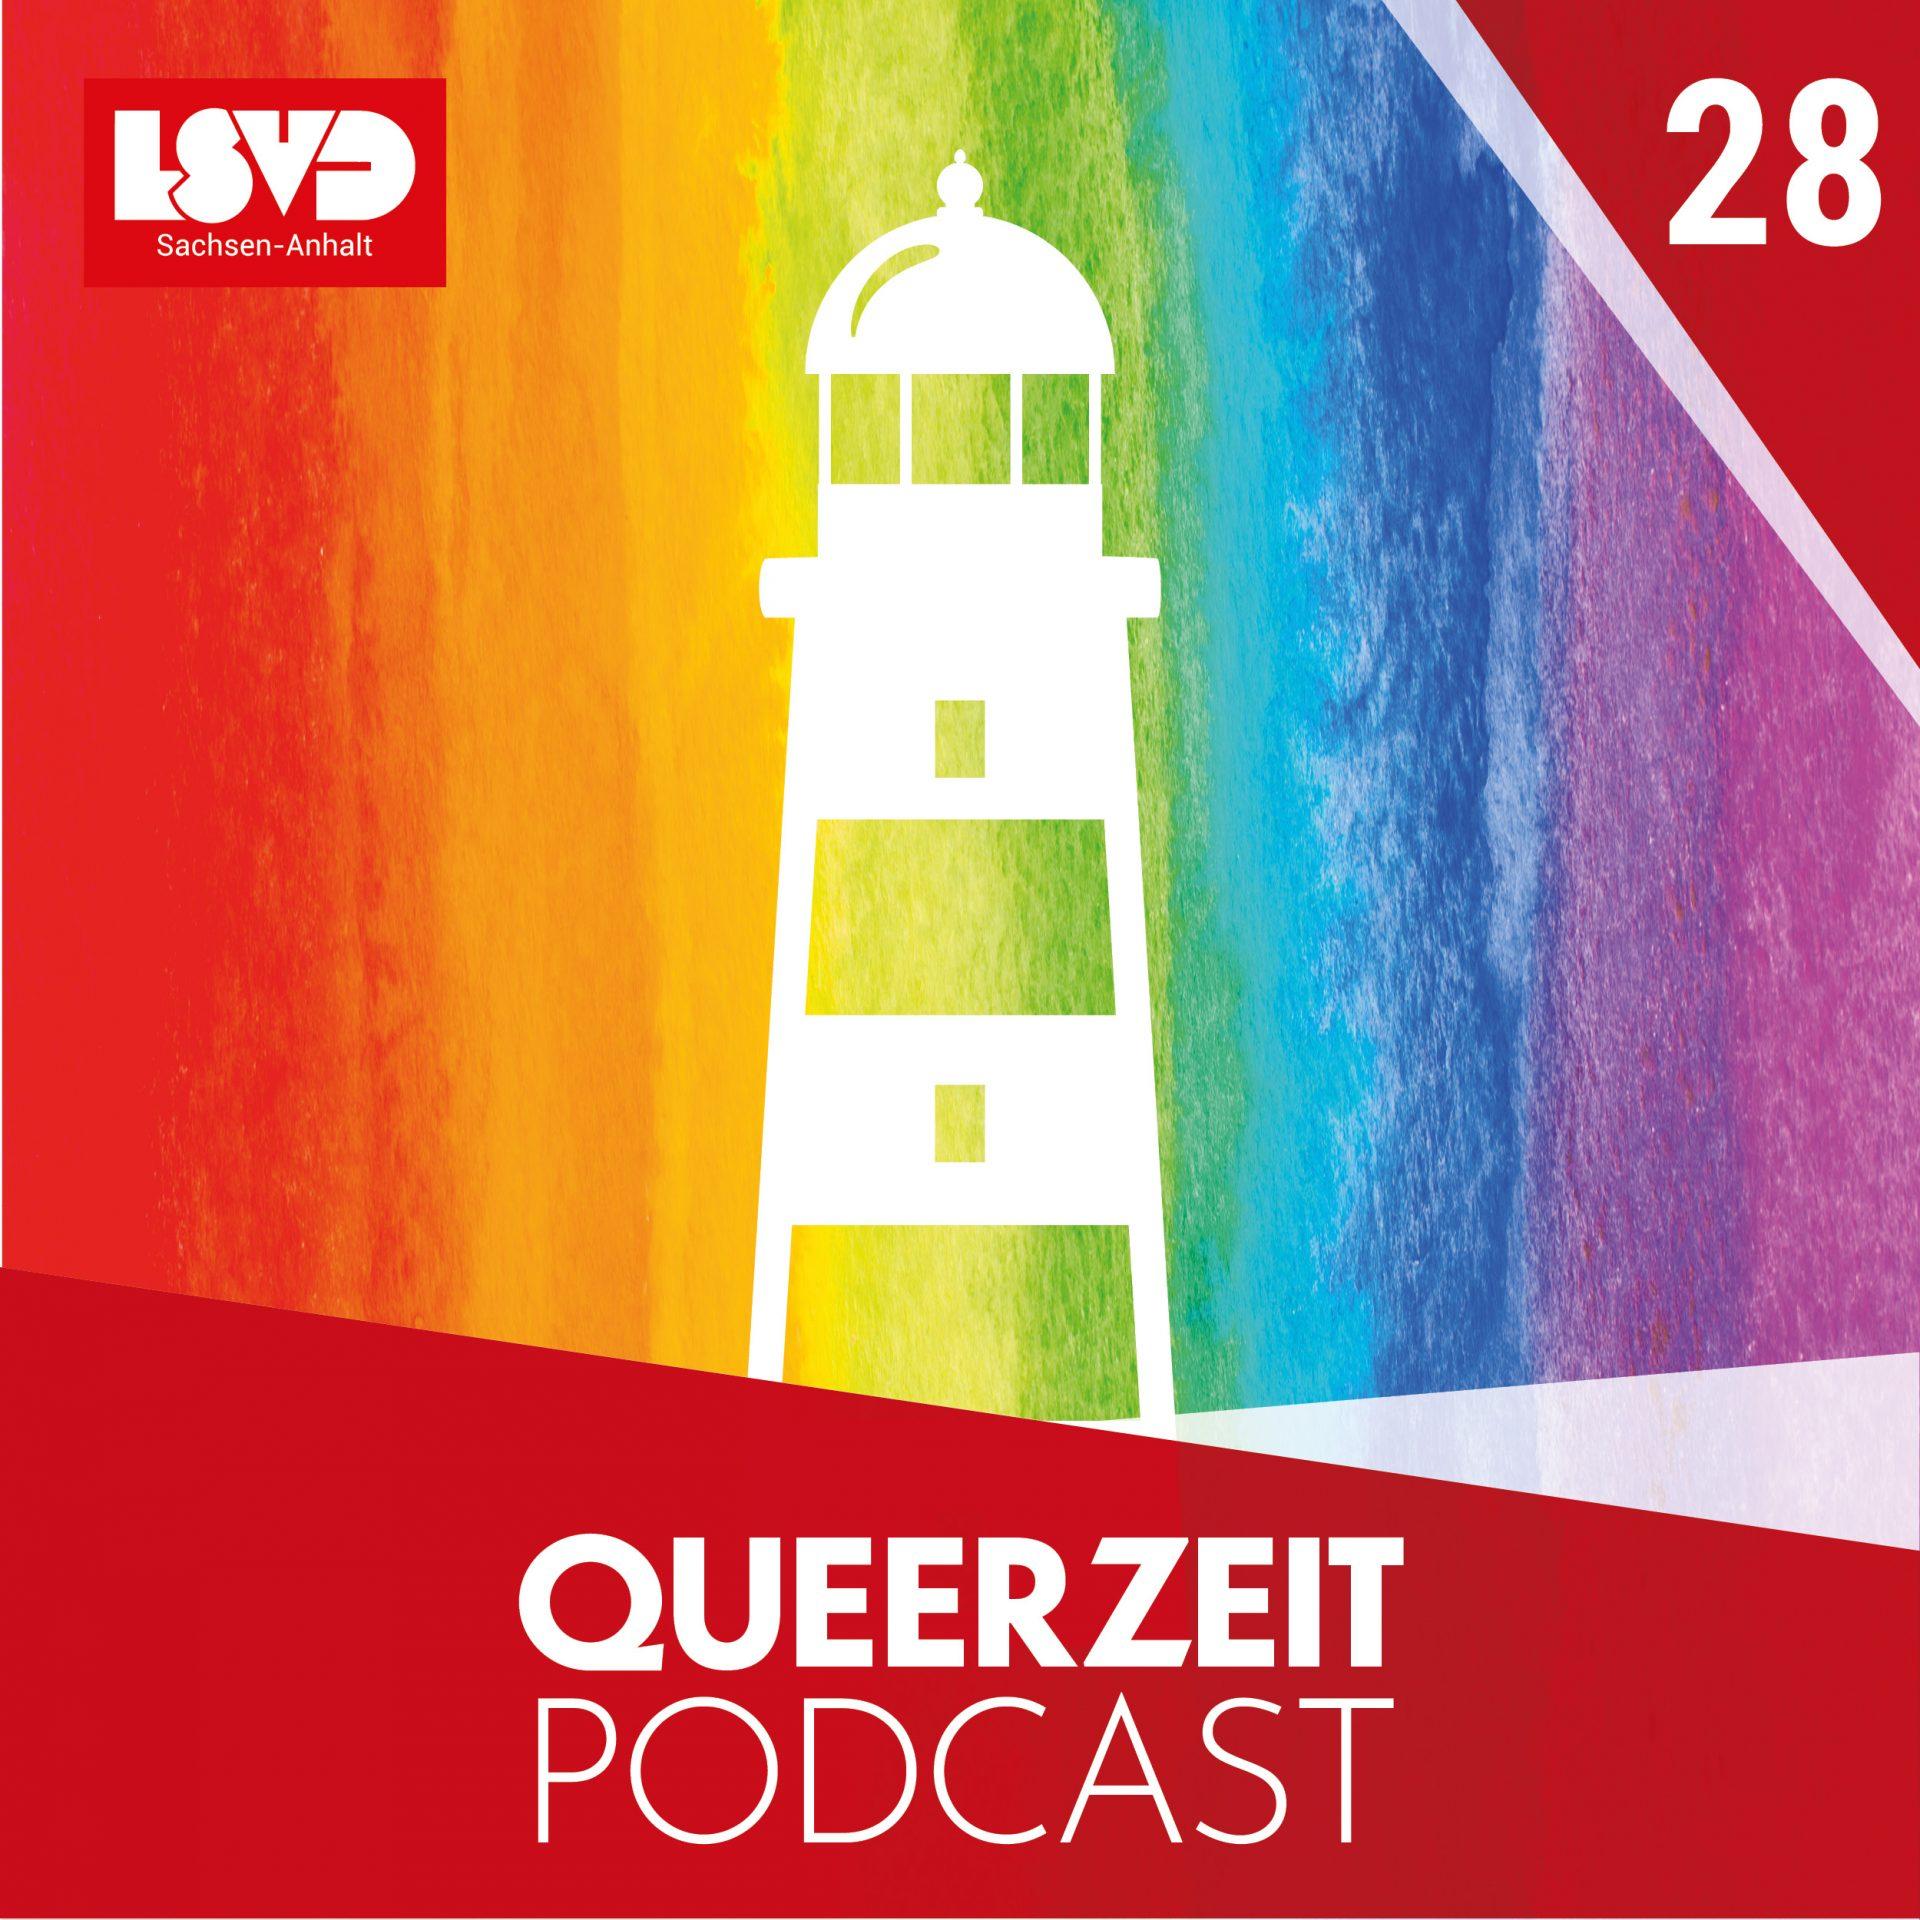 Queerzeit #28 – LSBTIQ*-Leuchtturm in Sachsen-Anhalt